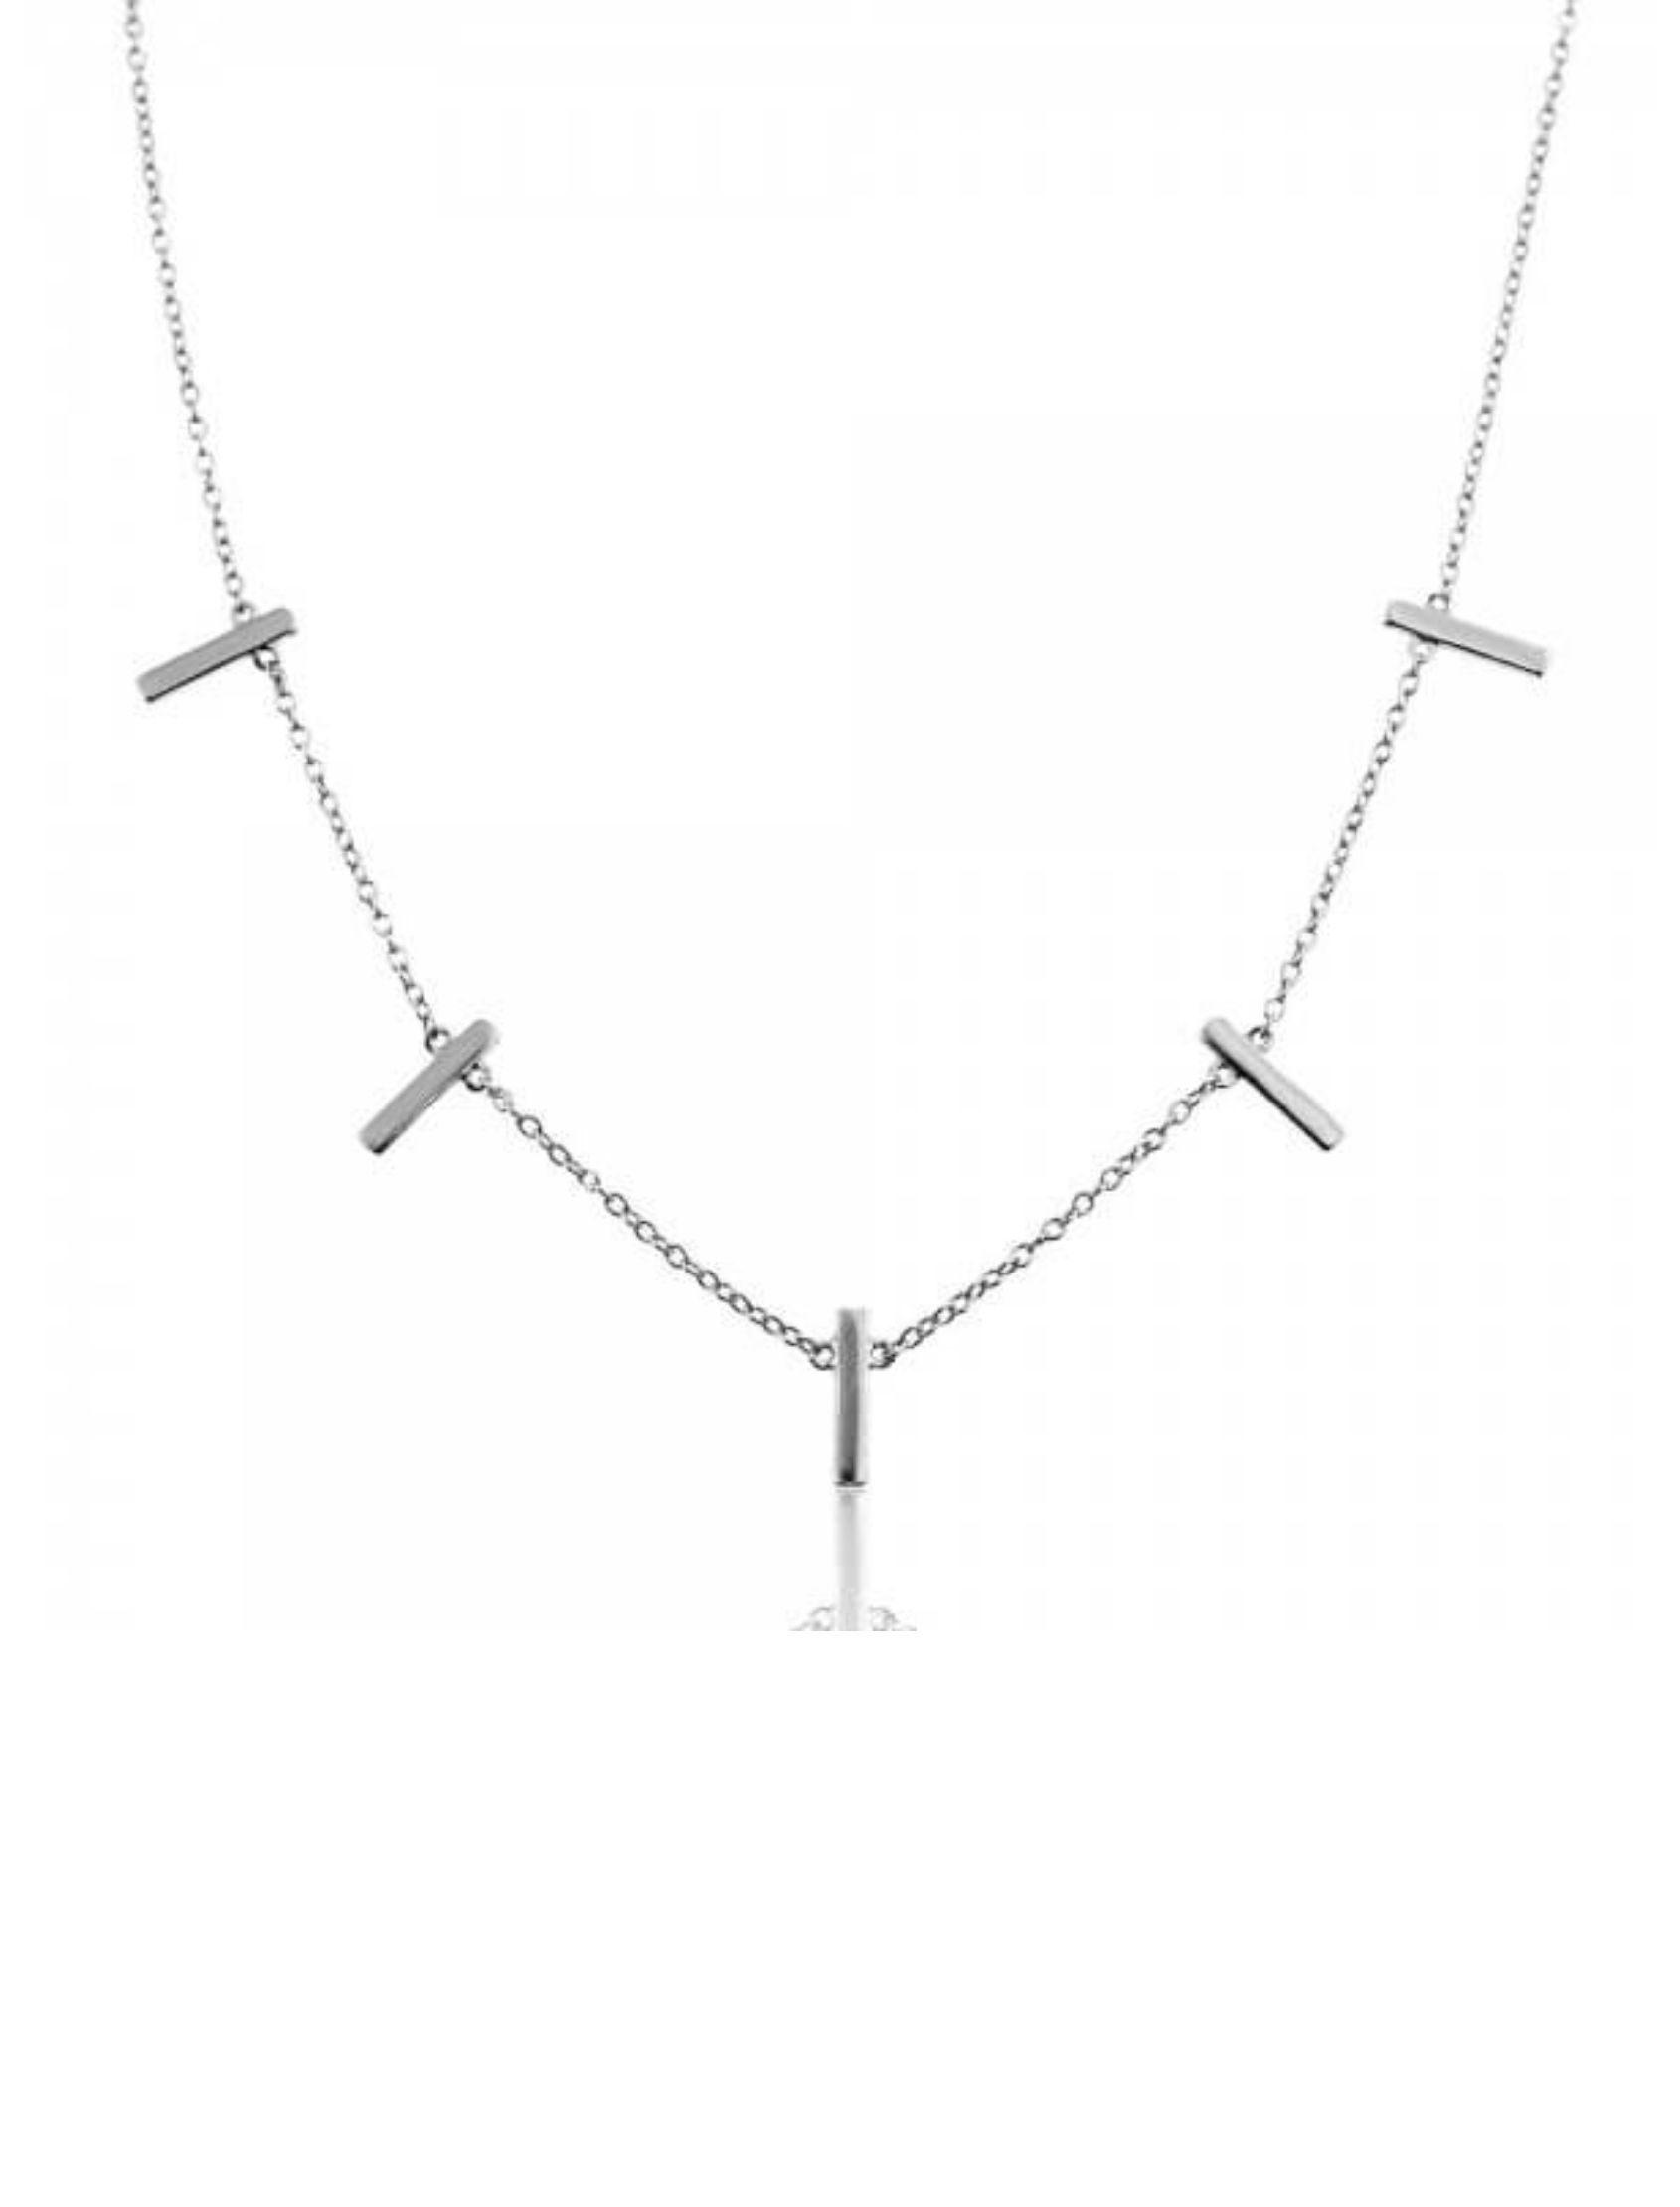 gargantilla sara con eslabones mini y detalles de piezas alargadas en plata